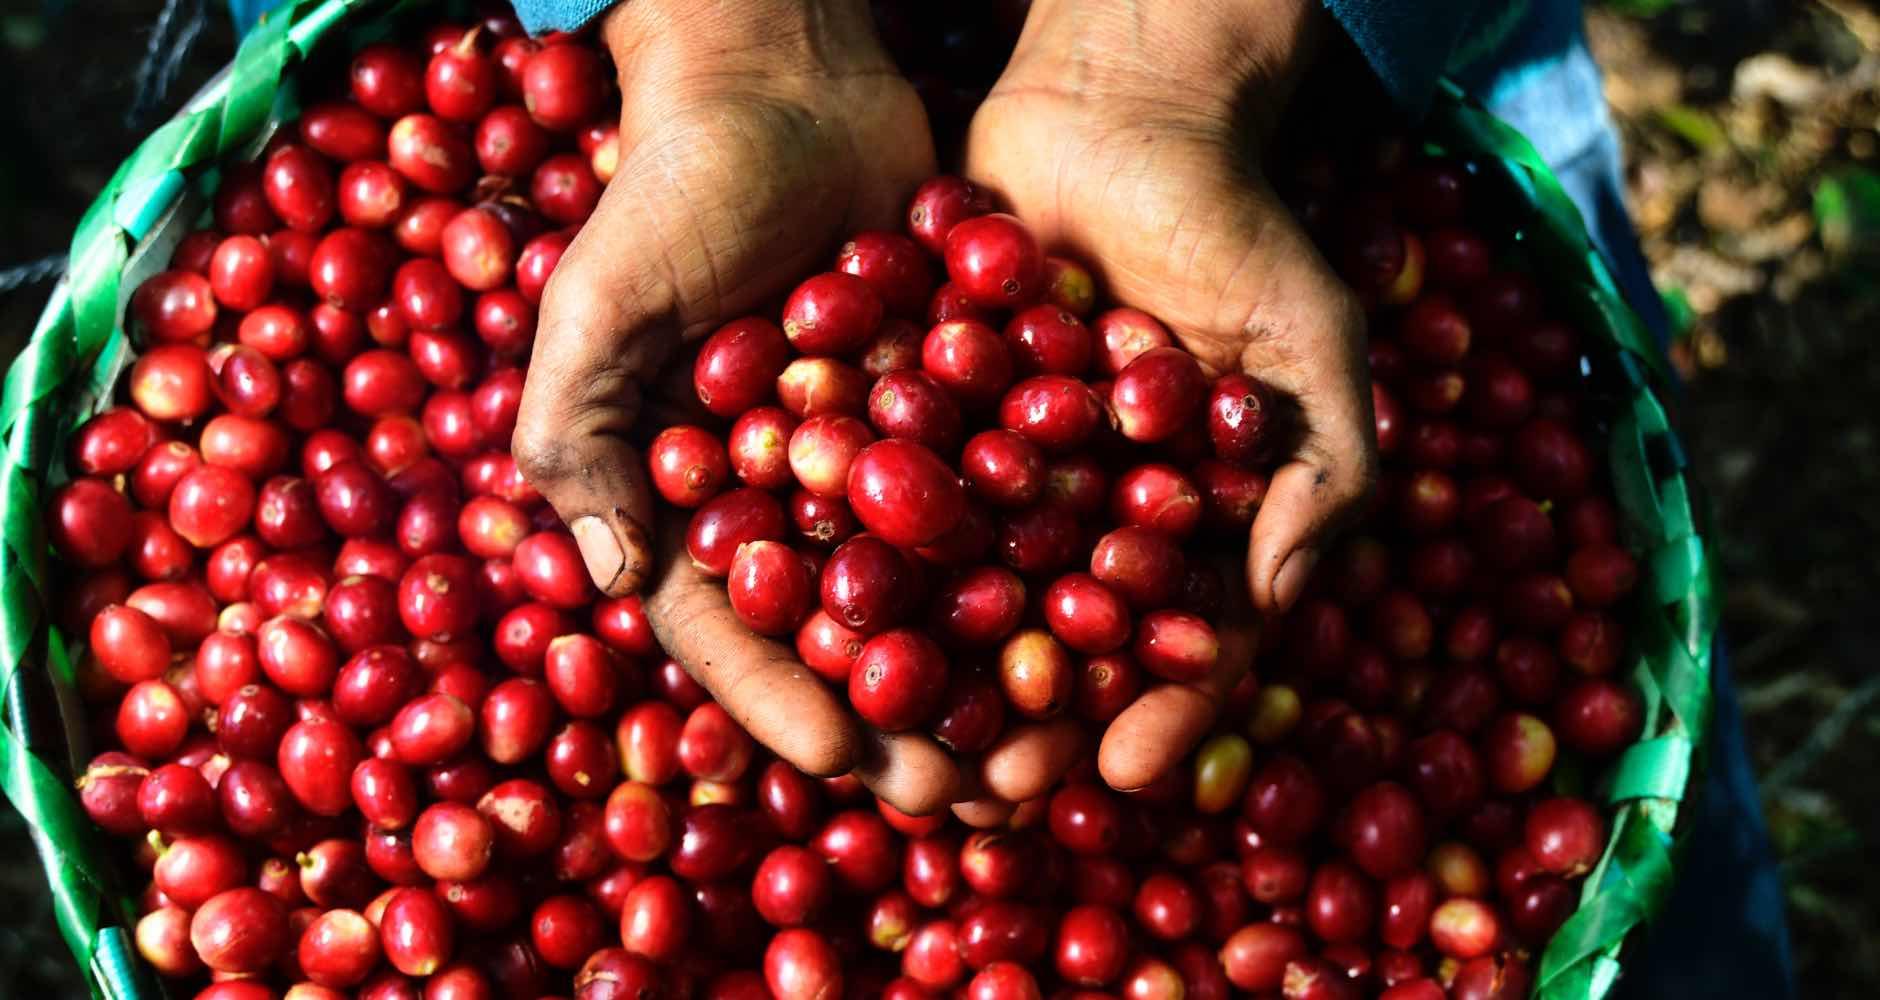 Progresa - Granos de café en manos